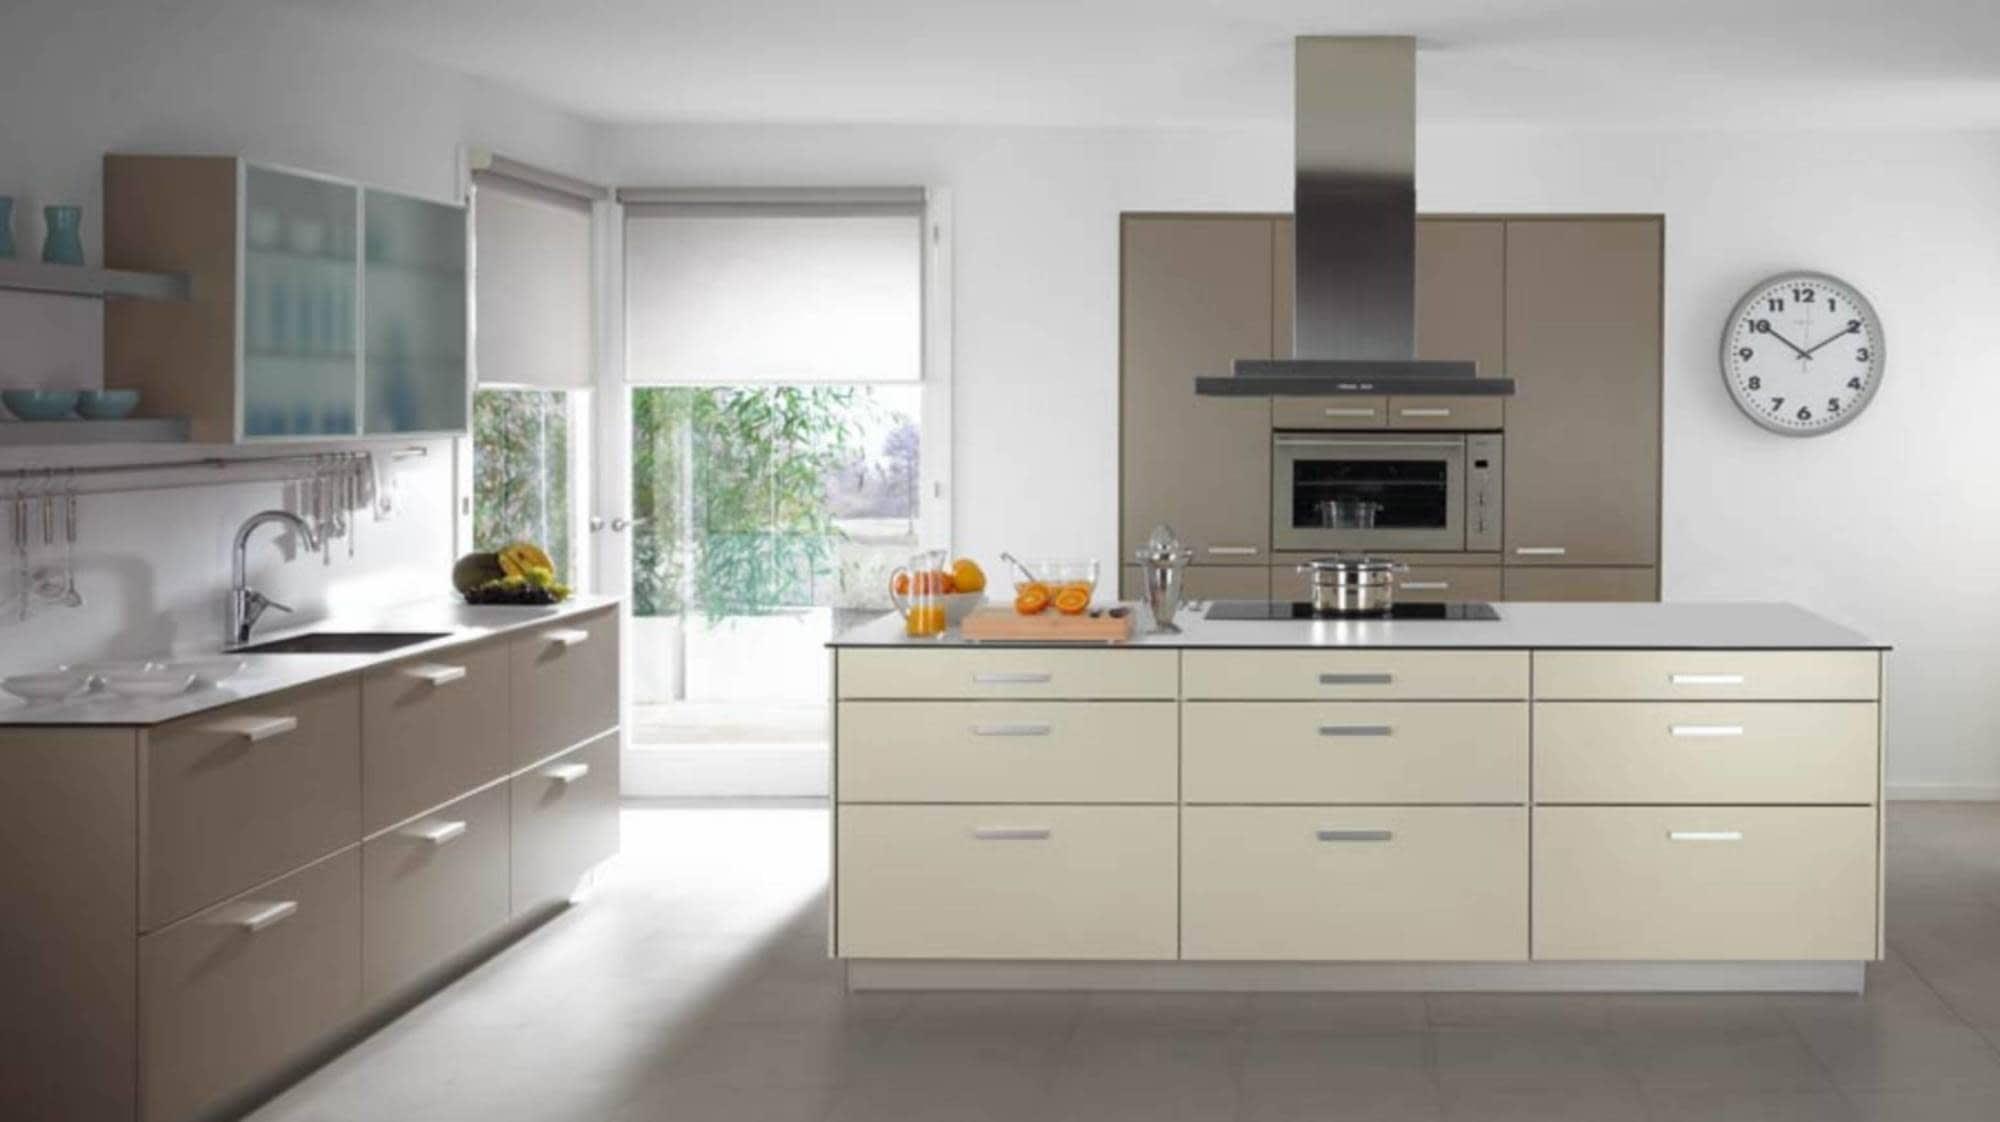 Mobiliario De Cocina Materiales El 13 Rivas S L  # Muebles Suministros Rivas